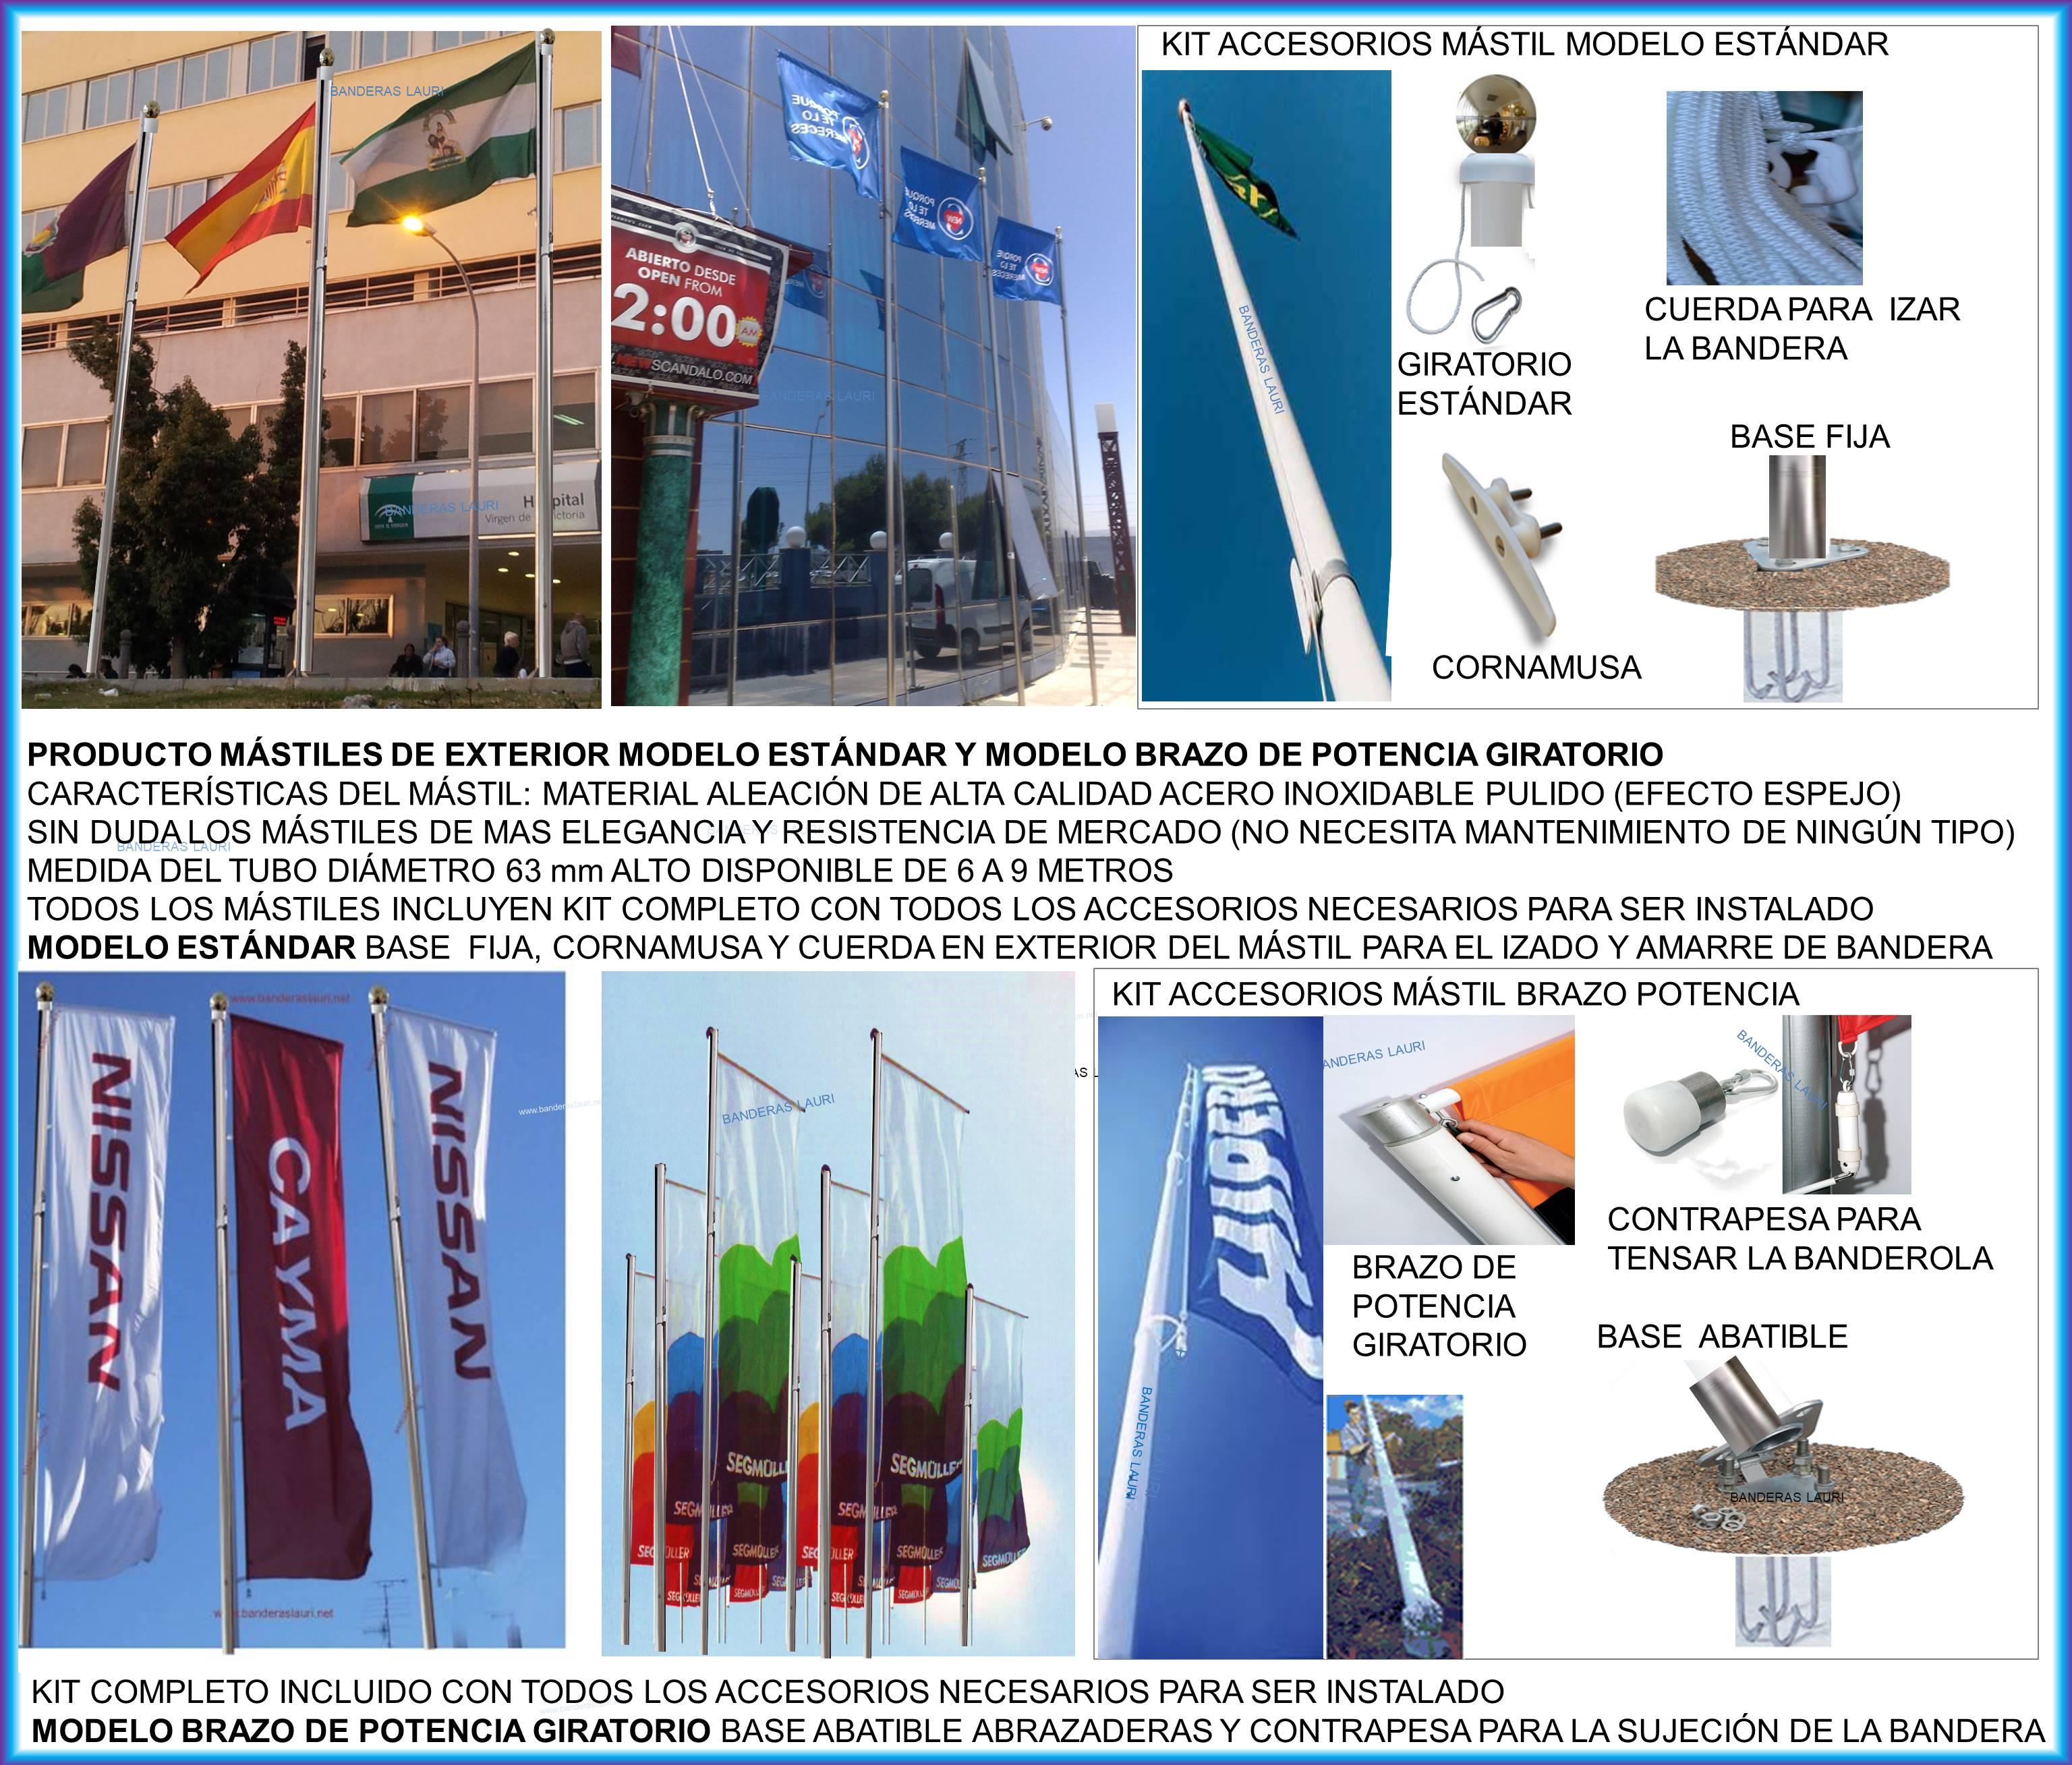 Información SOLICITUD PRECIOS presupuestos Fabrica Venta para Comprar Mástiles y Banderas